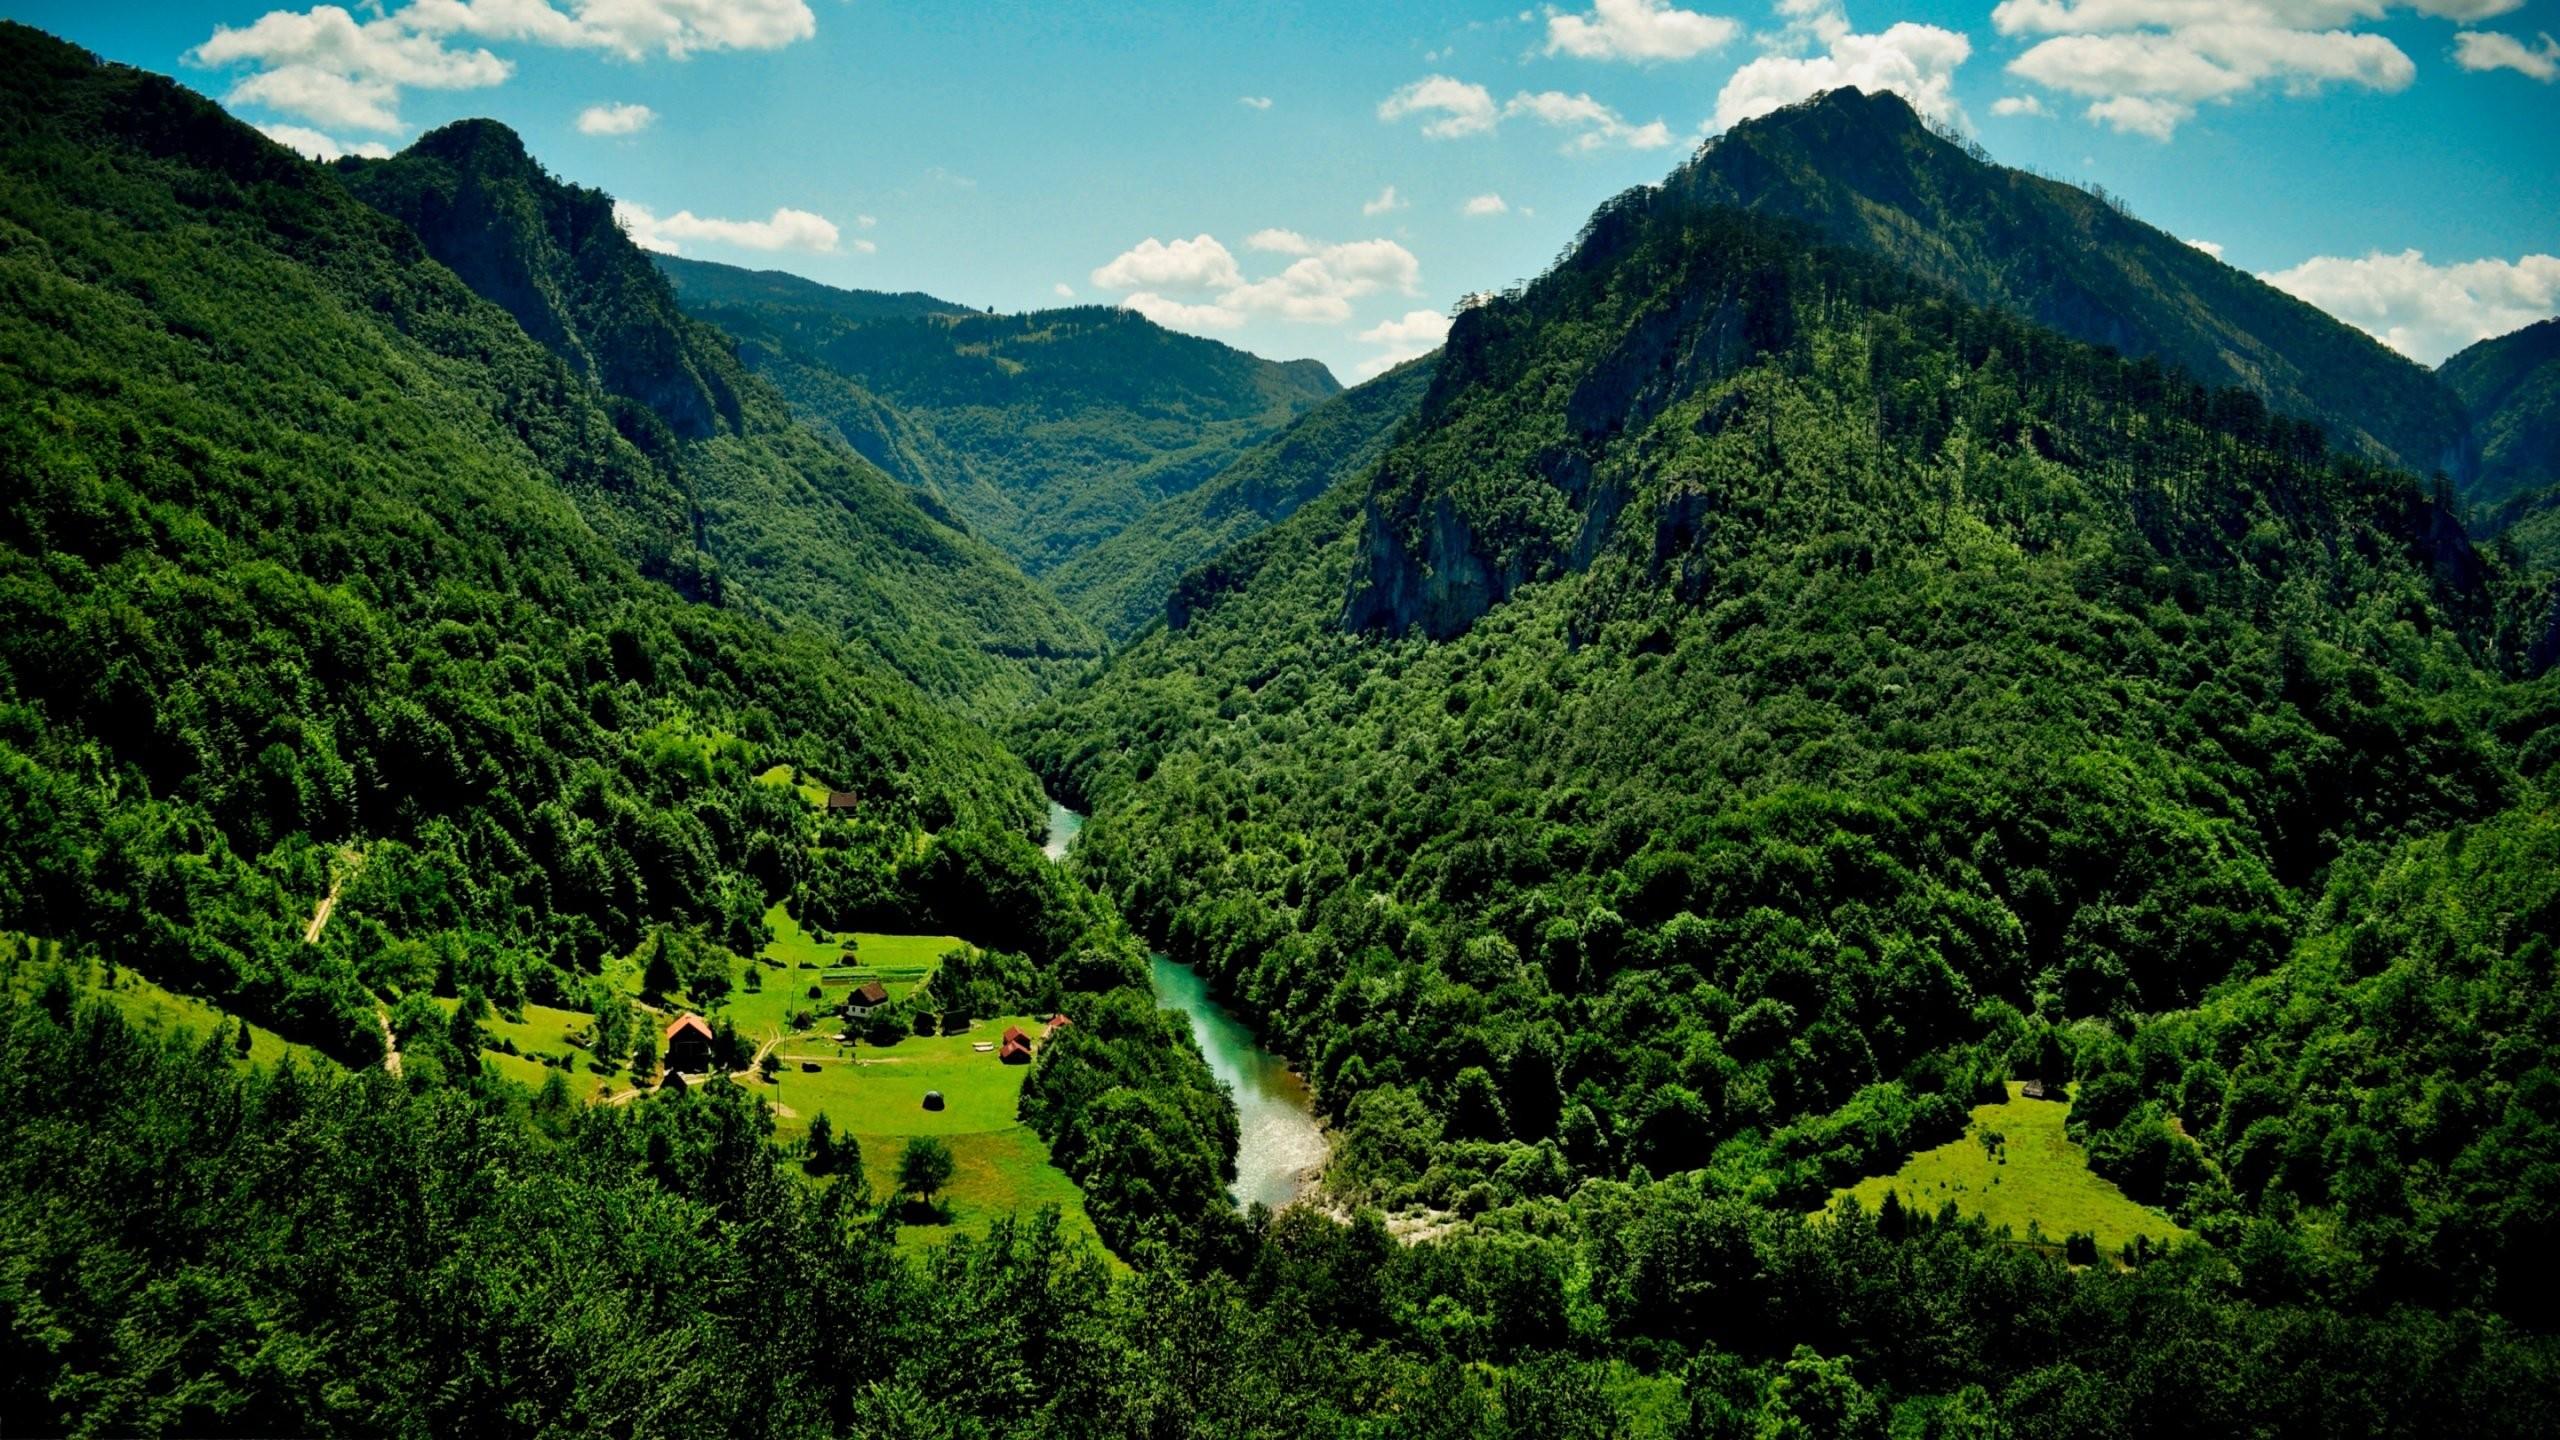 4k Ultra Hd Nature Wallpaper 2560x1440, - Green Forest Landscape - HD Wallpaper